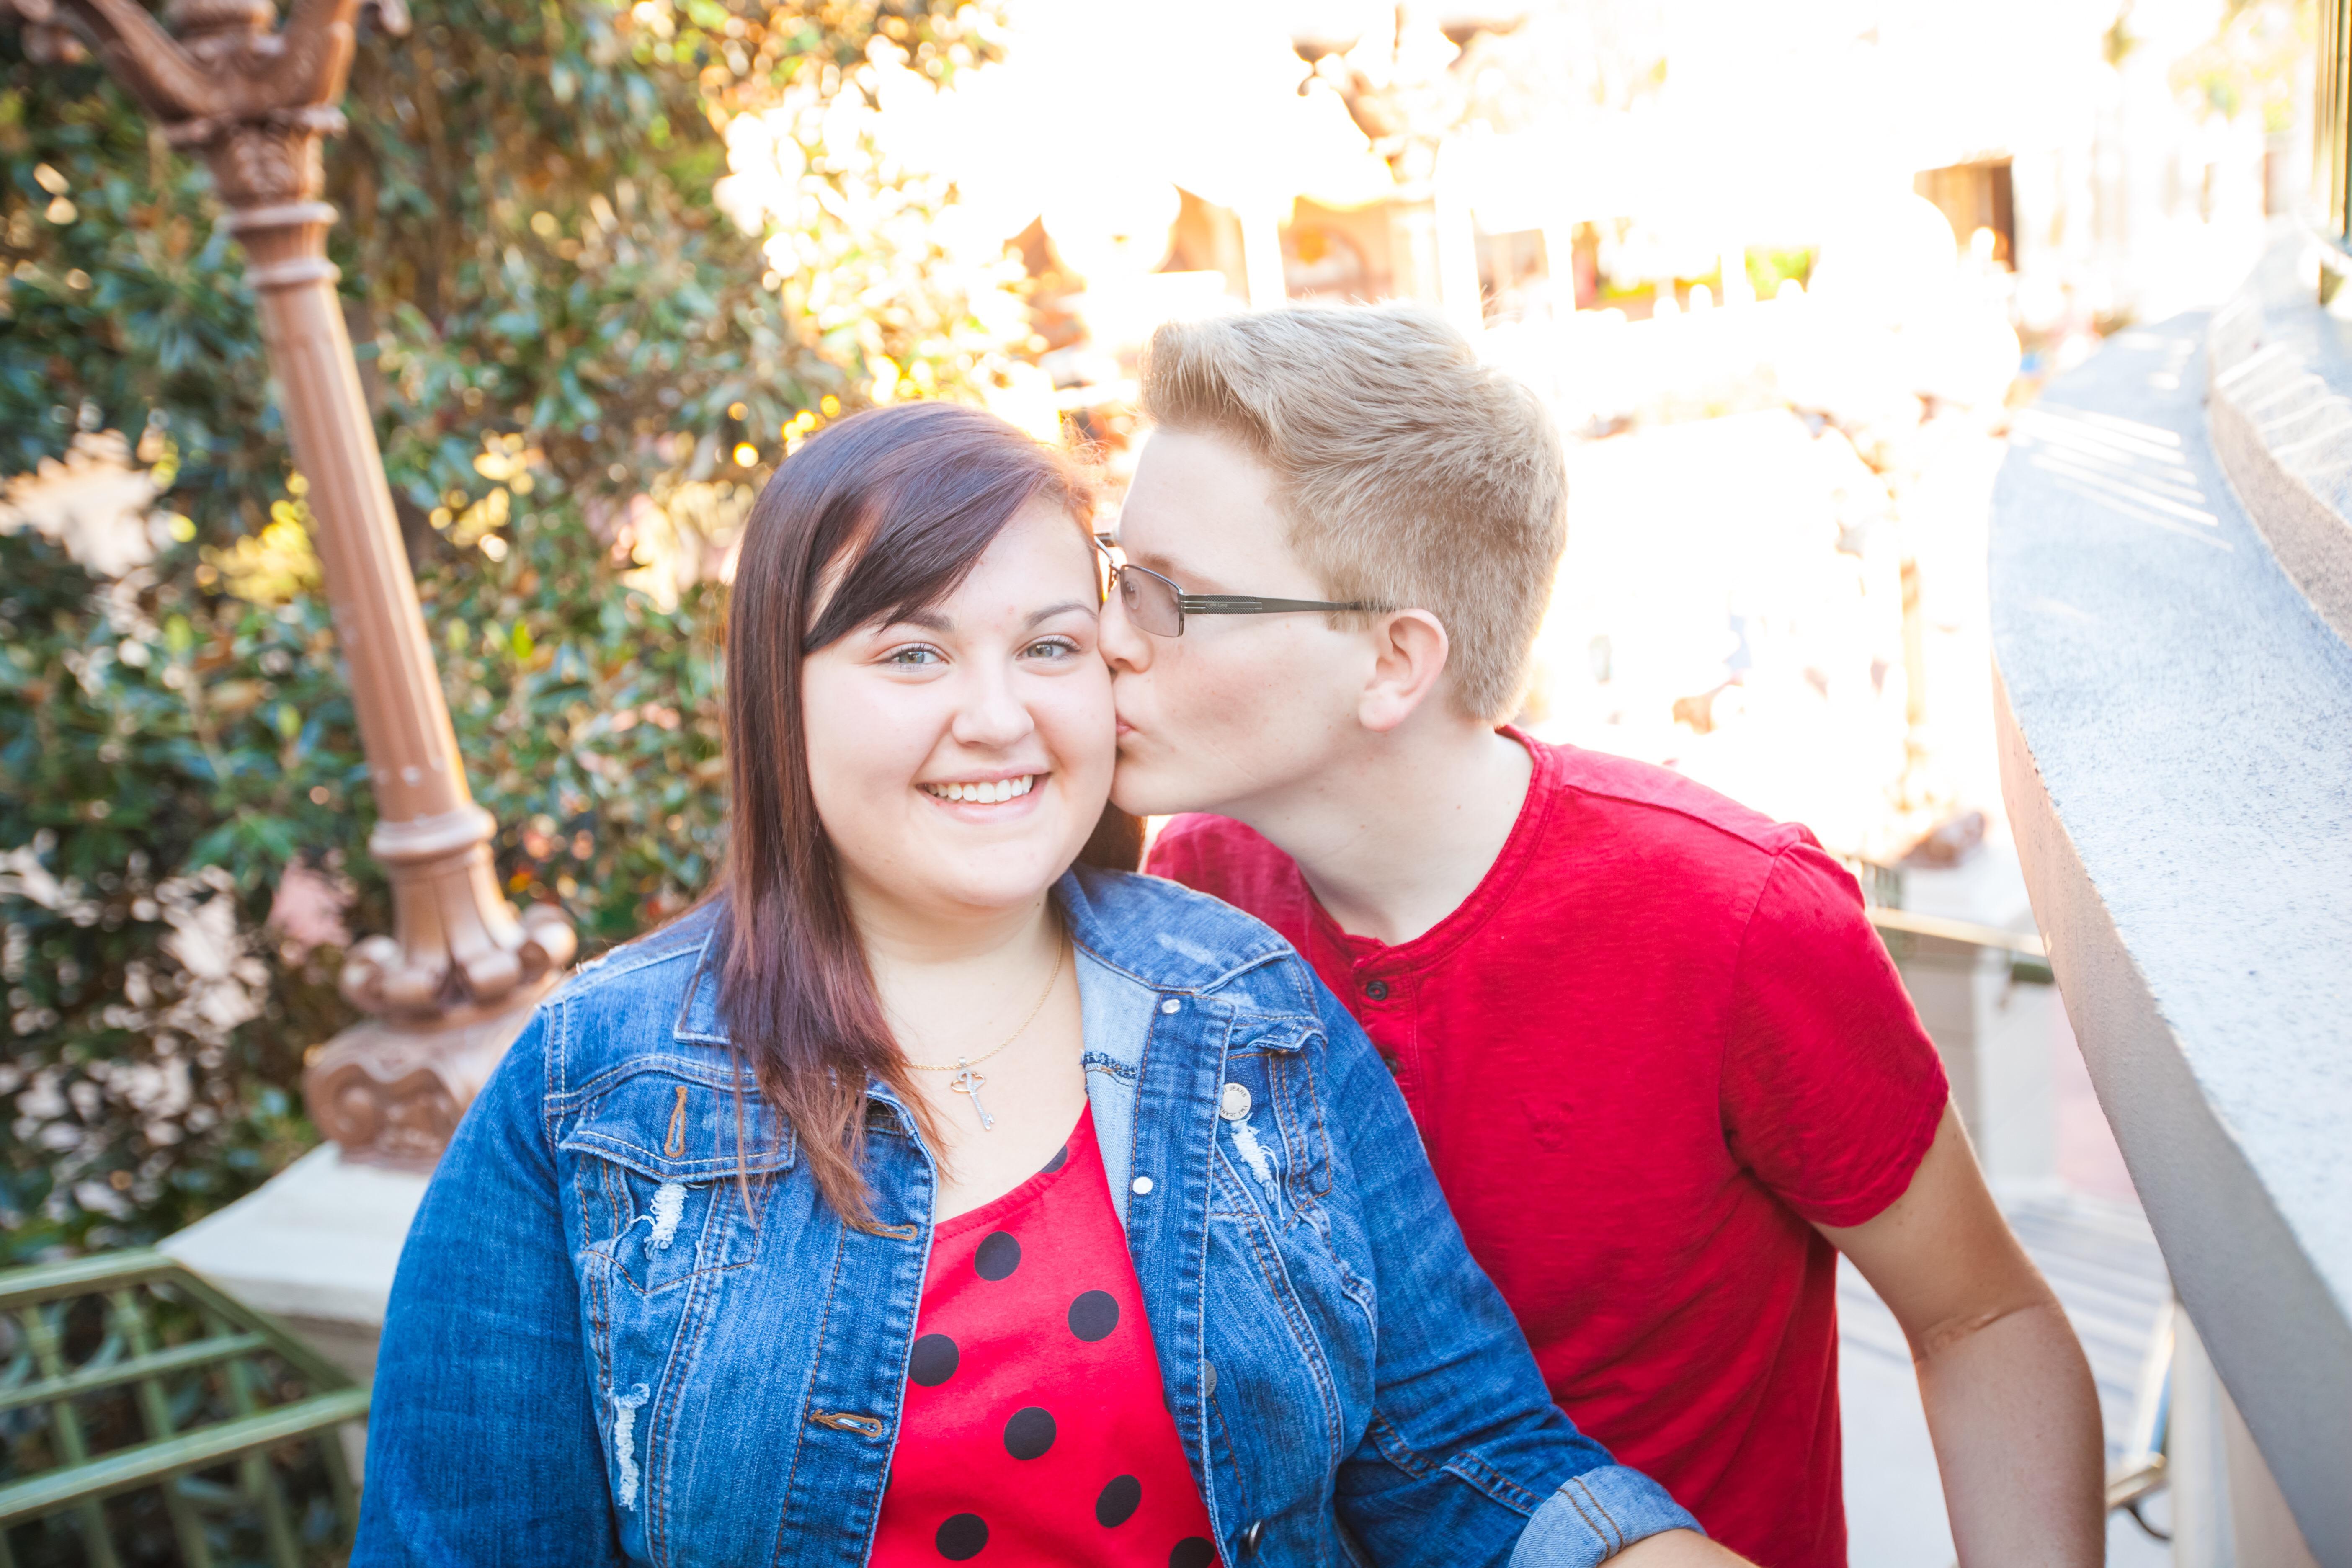 Steven and Madison Weaver